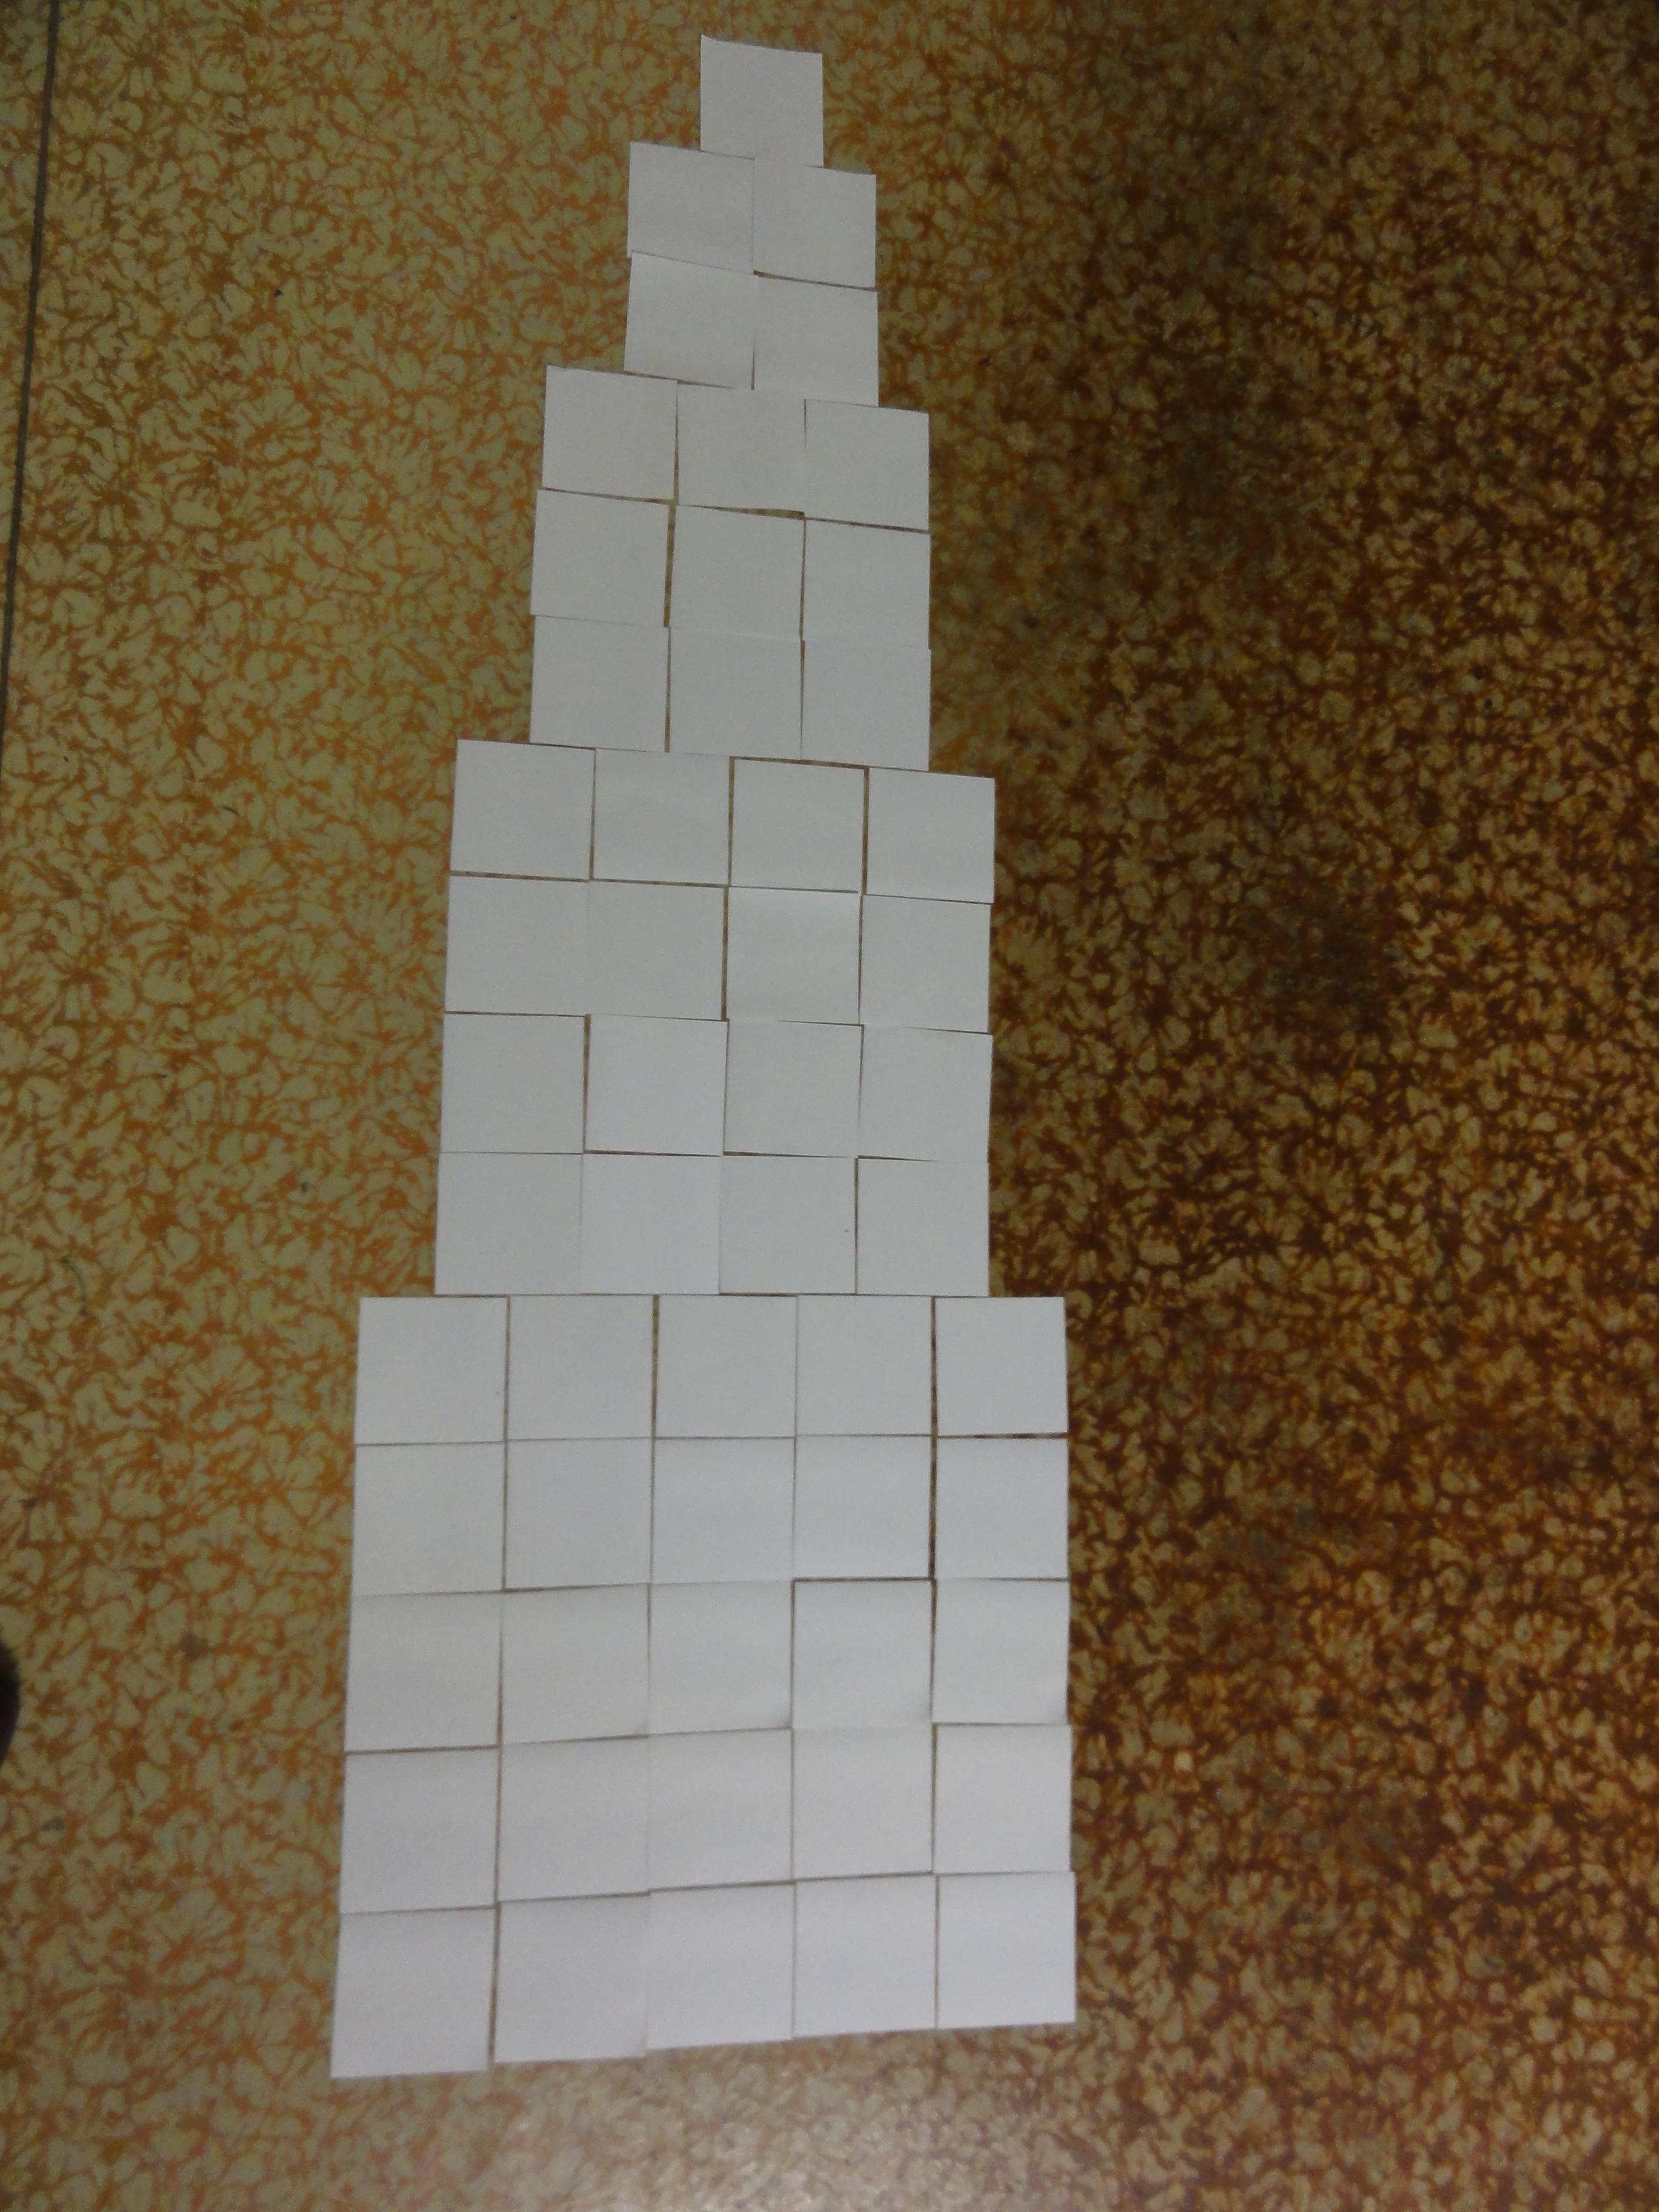 Quadratzahlen